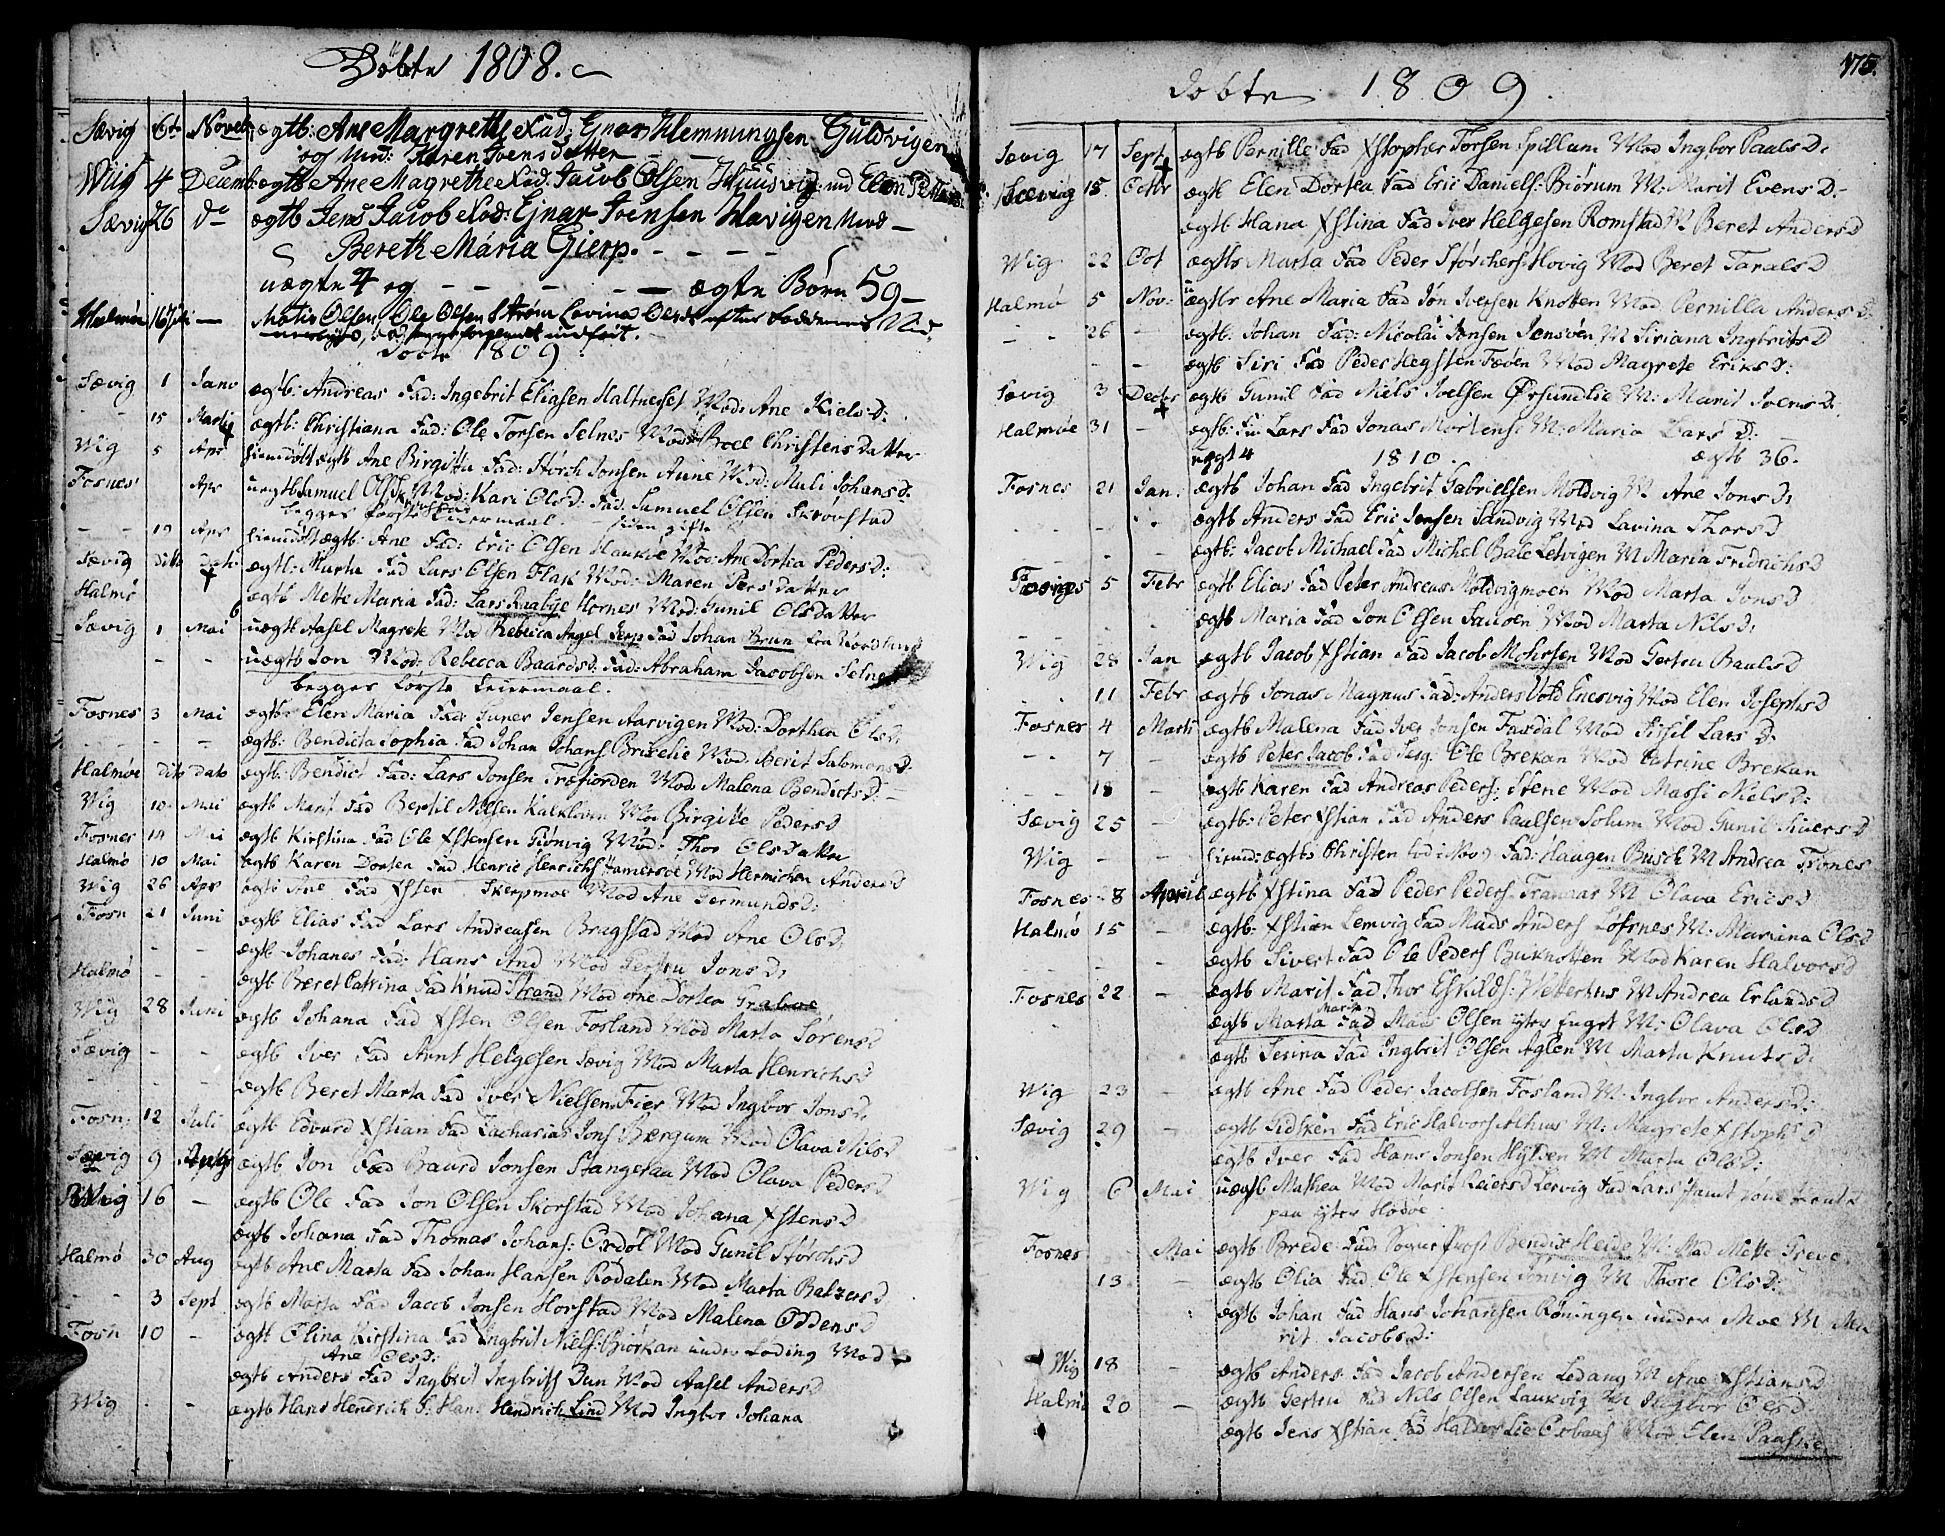 SAT, Ministerialprotokoller, klokkerbøker og fødselsregistre - Nord-Trøndelag, 773/L0608: Ministerialbok nr. 773A02, 1784-1816, s. 175